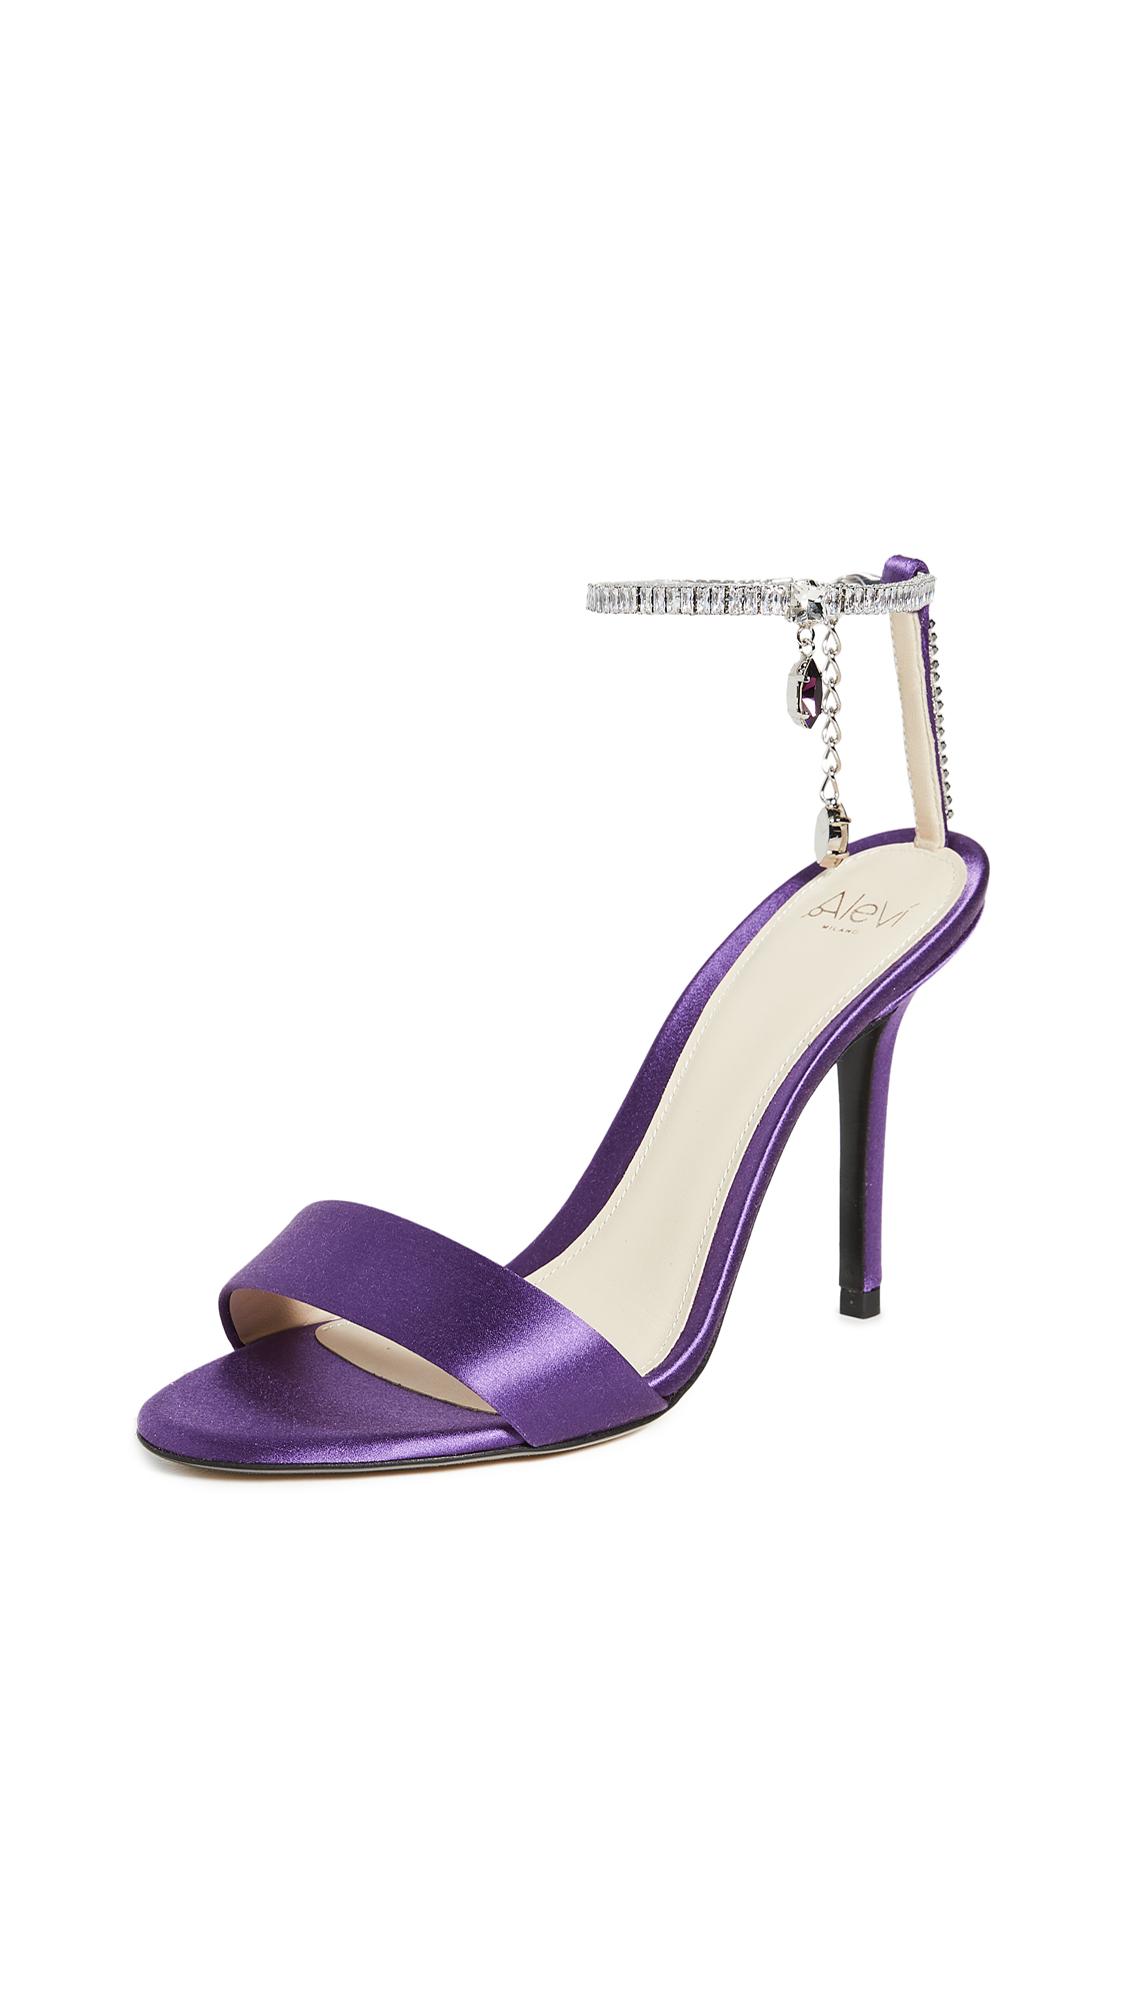 Buy Alevi Milano Aurora Sandals online, shop Alevi Milano